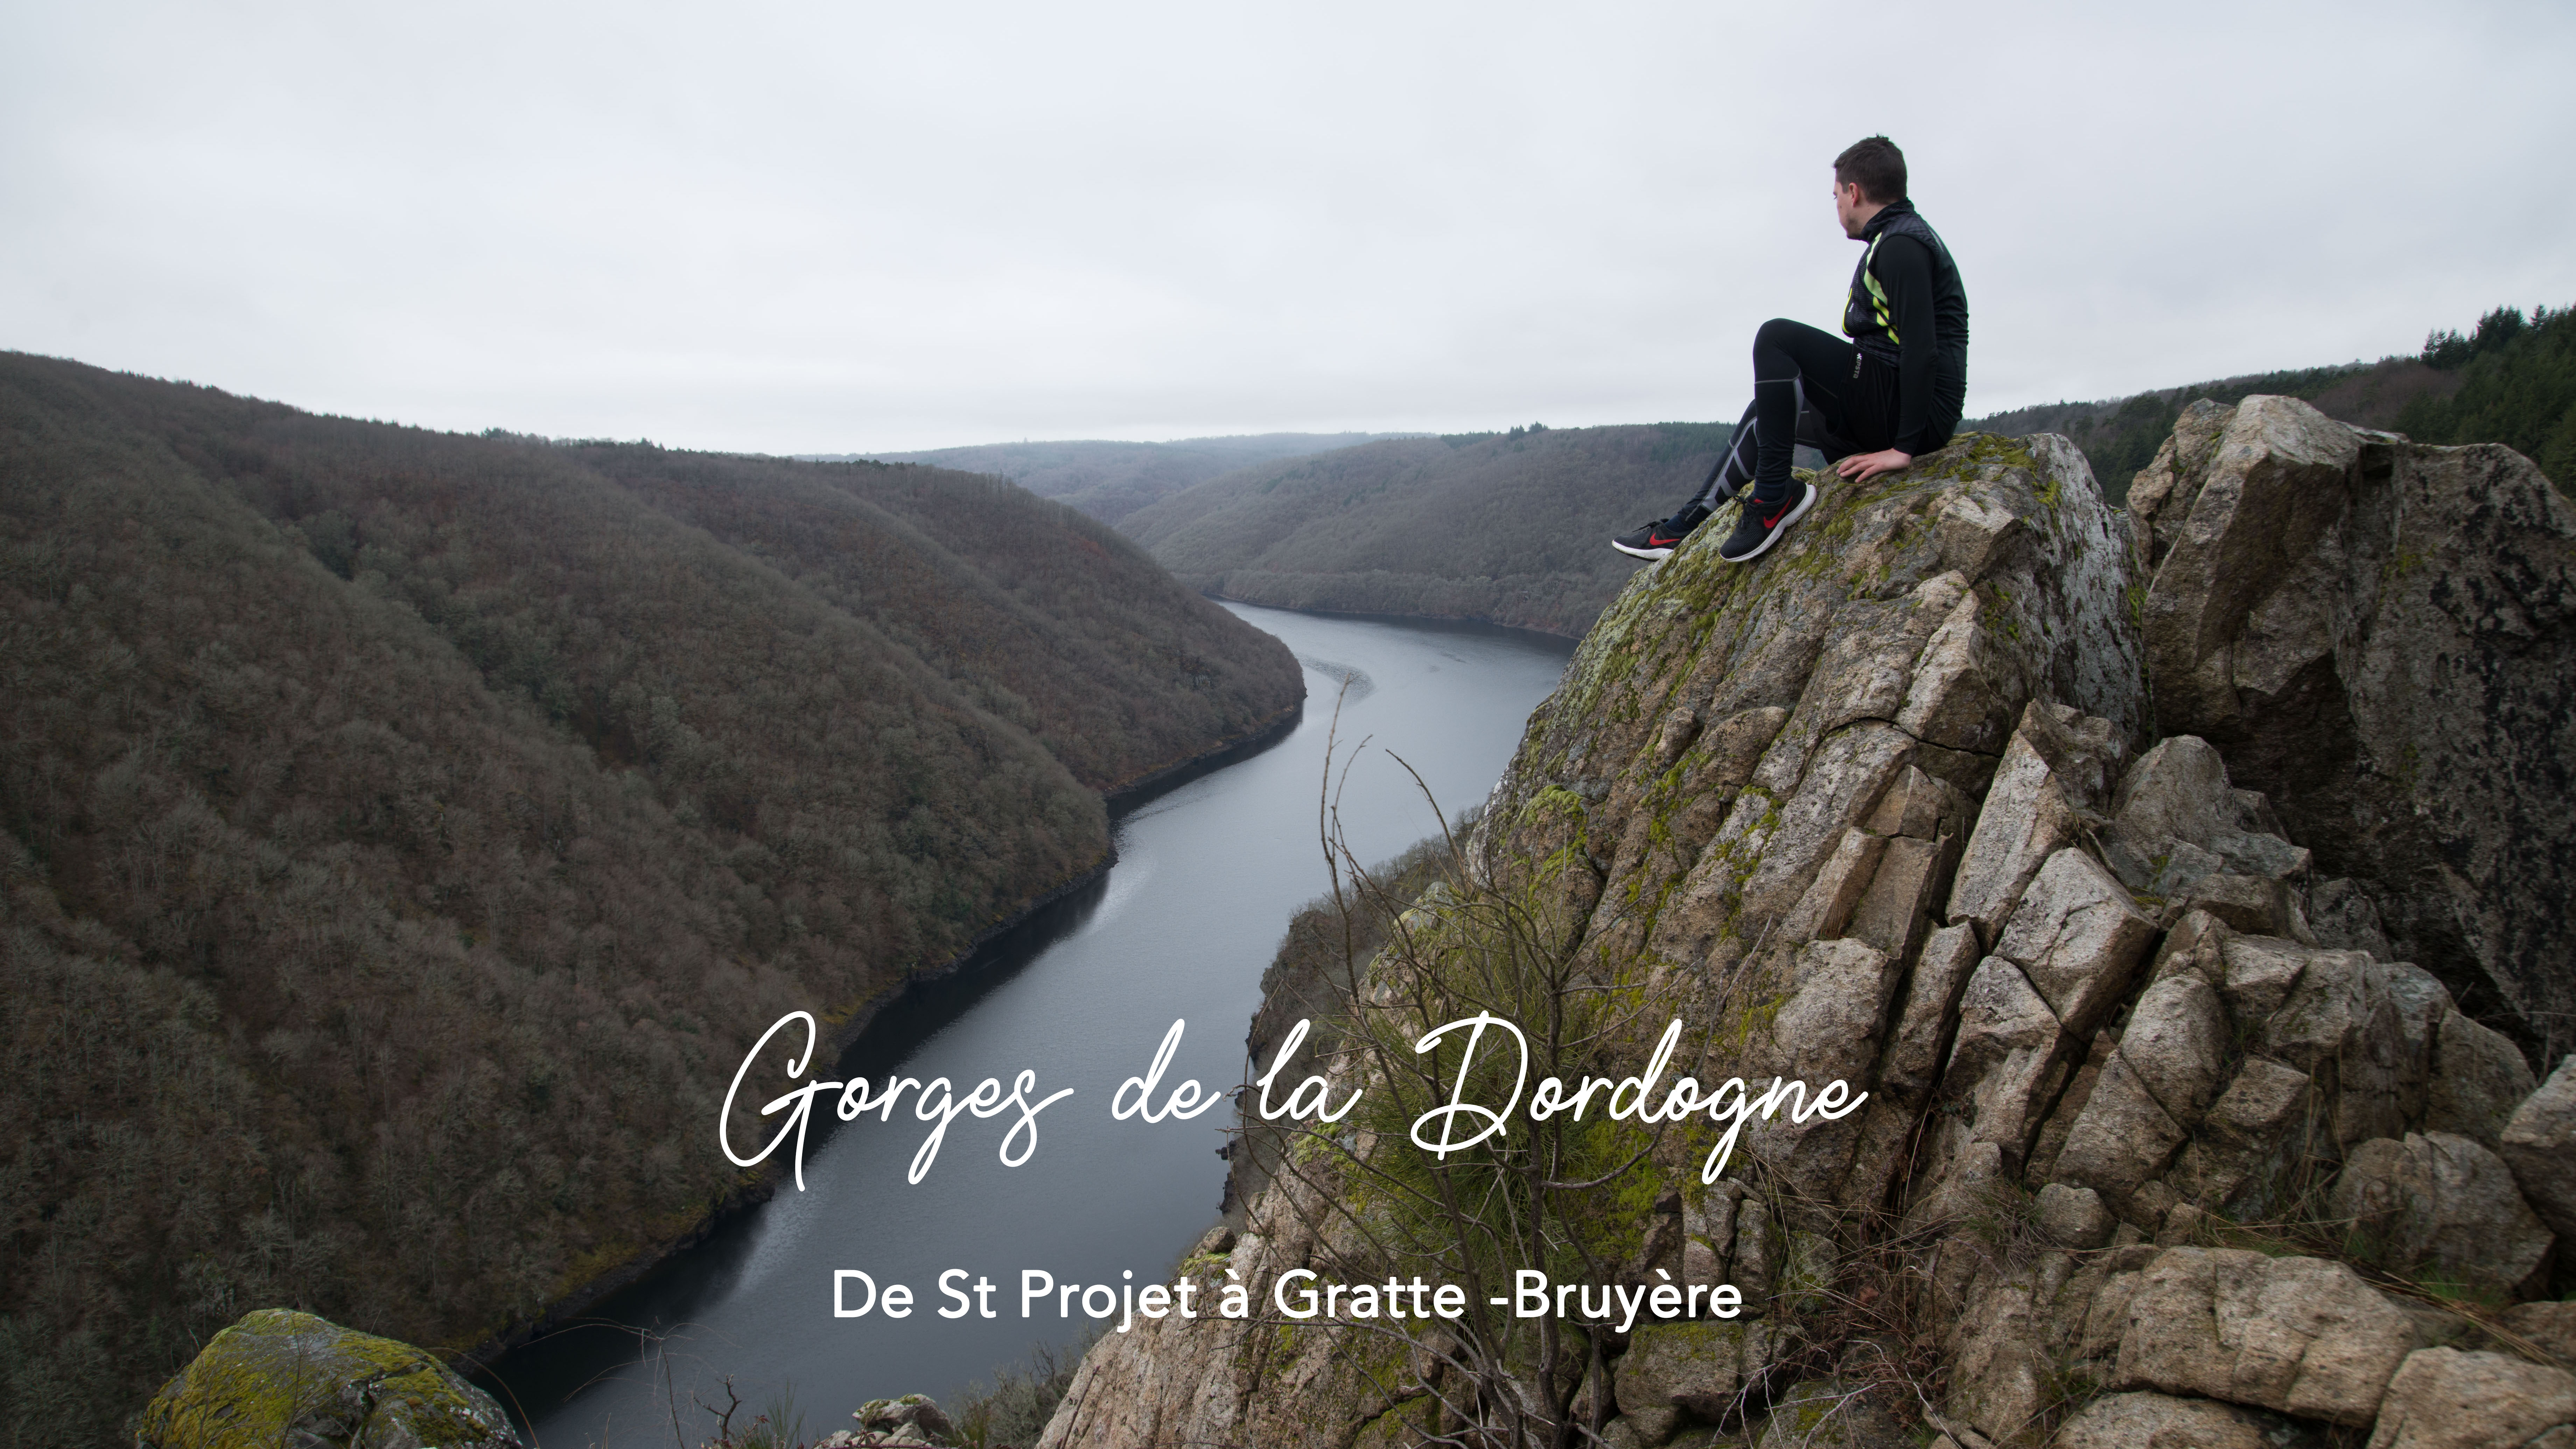 GORGES DE LA DORDOGNE : De St-Projet à Gratte-Bruyère